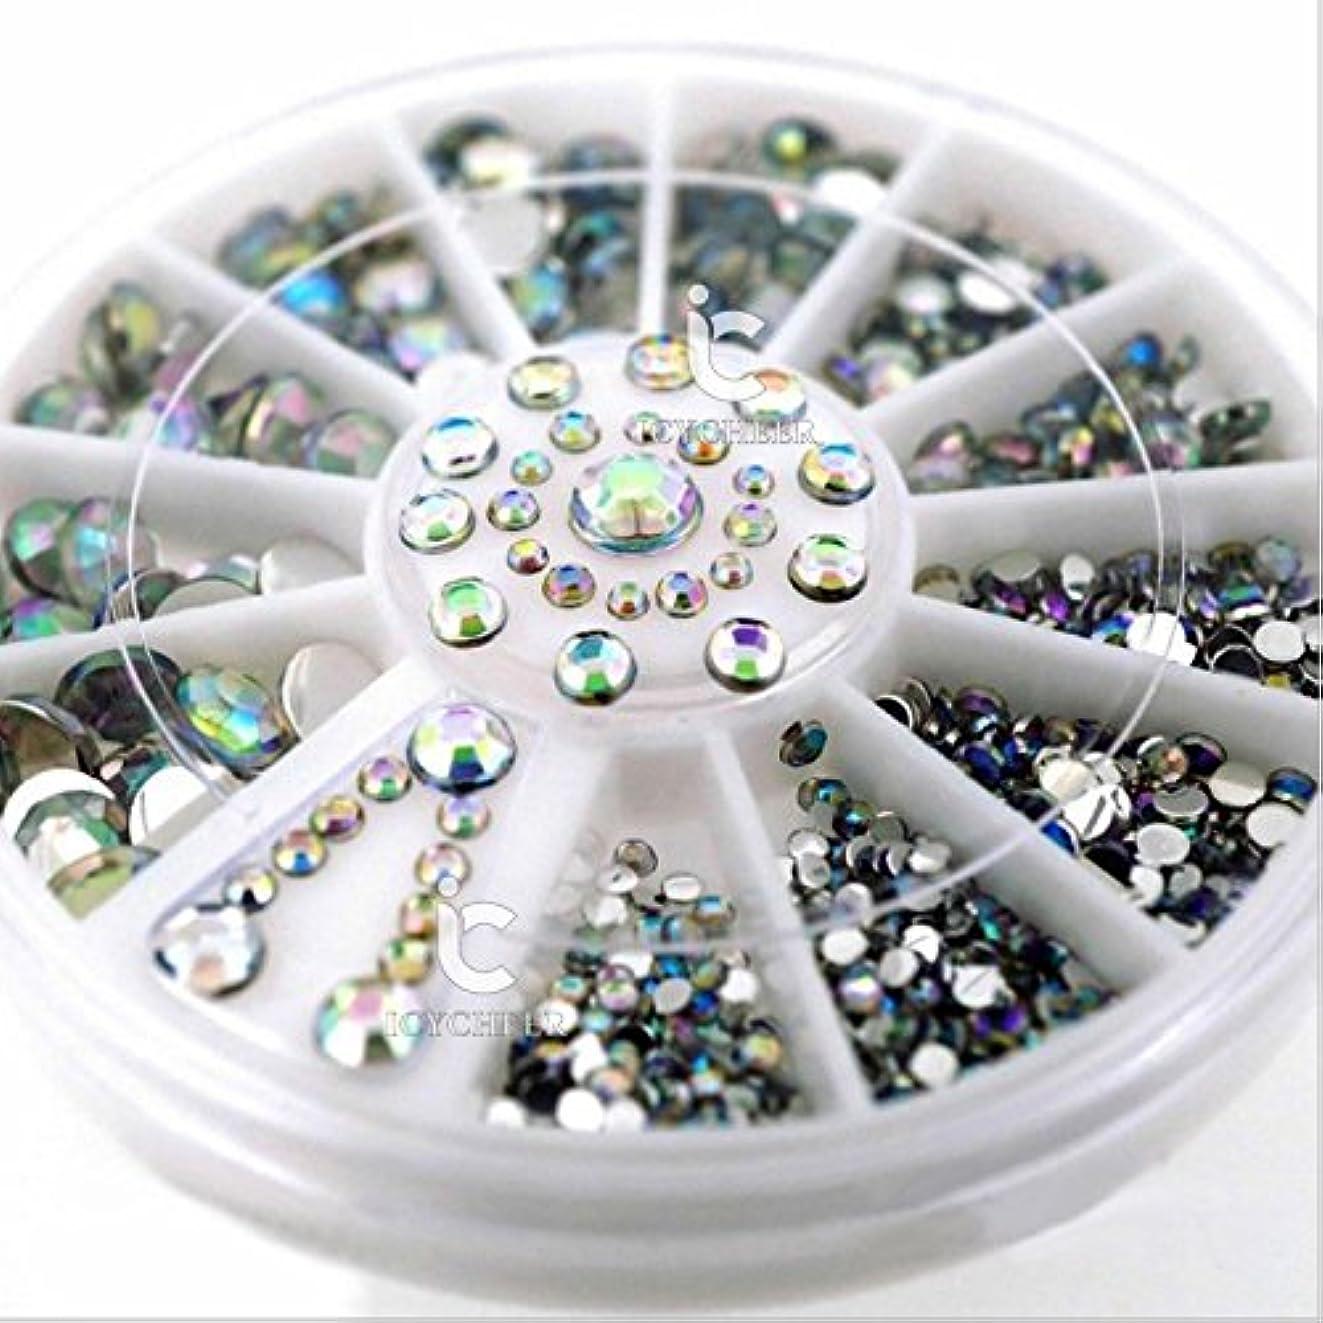 混合した患者真鍮ICYCHEERミックスサイズ3DネイルABラインストーンの宝石クリスタル3Dネイルアートデコレーションホイールマニキュア